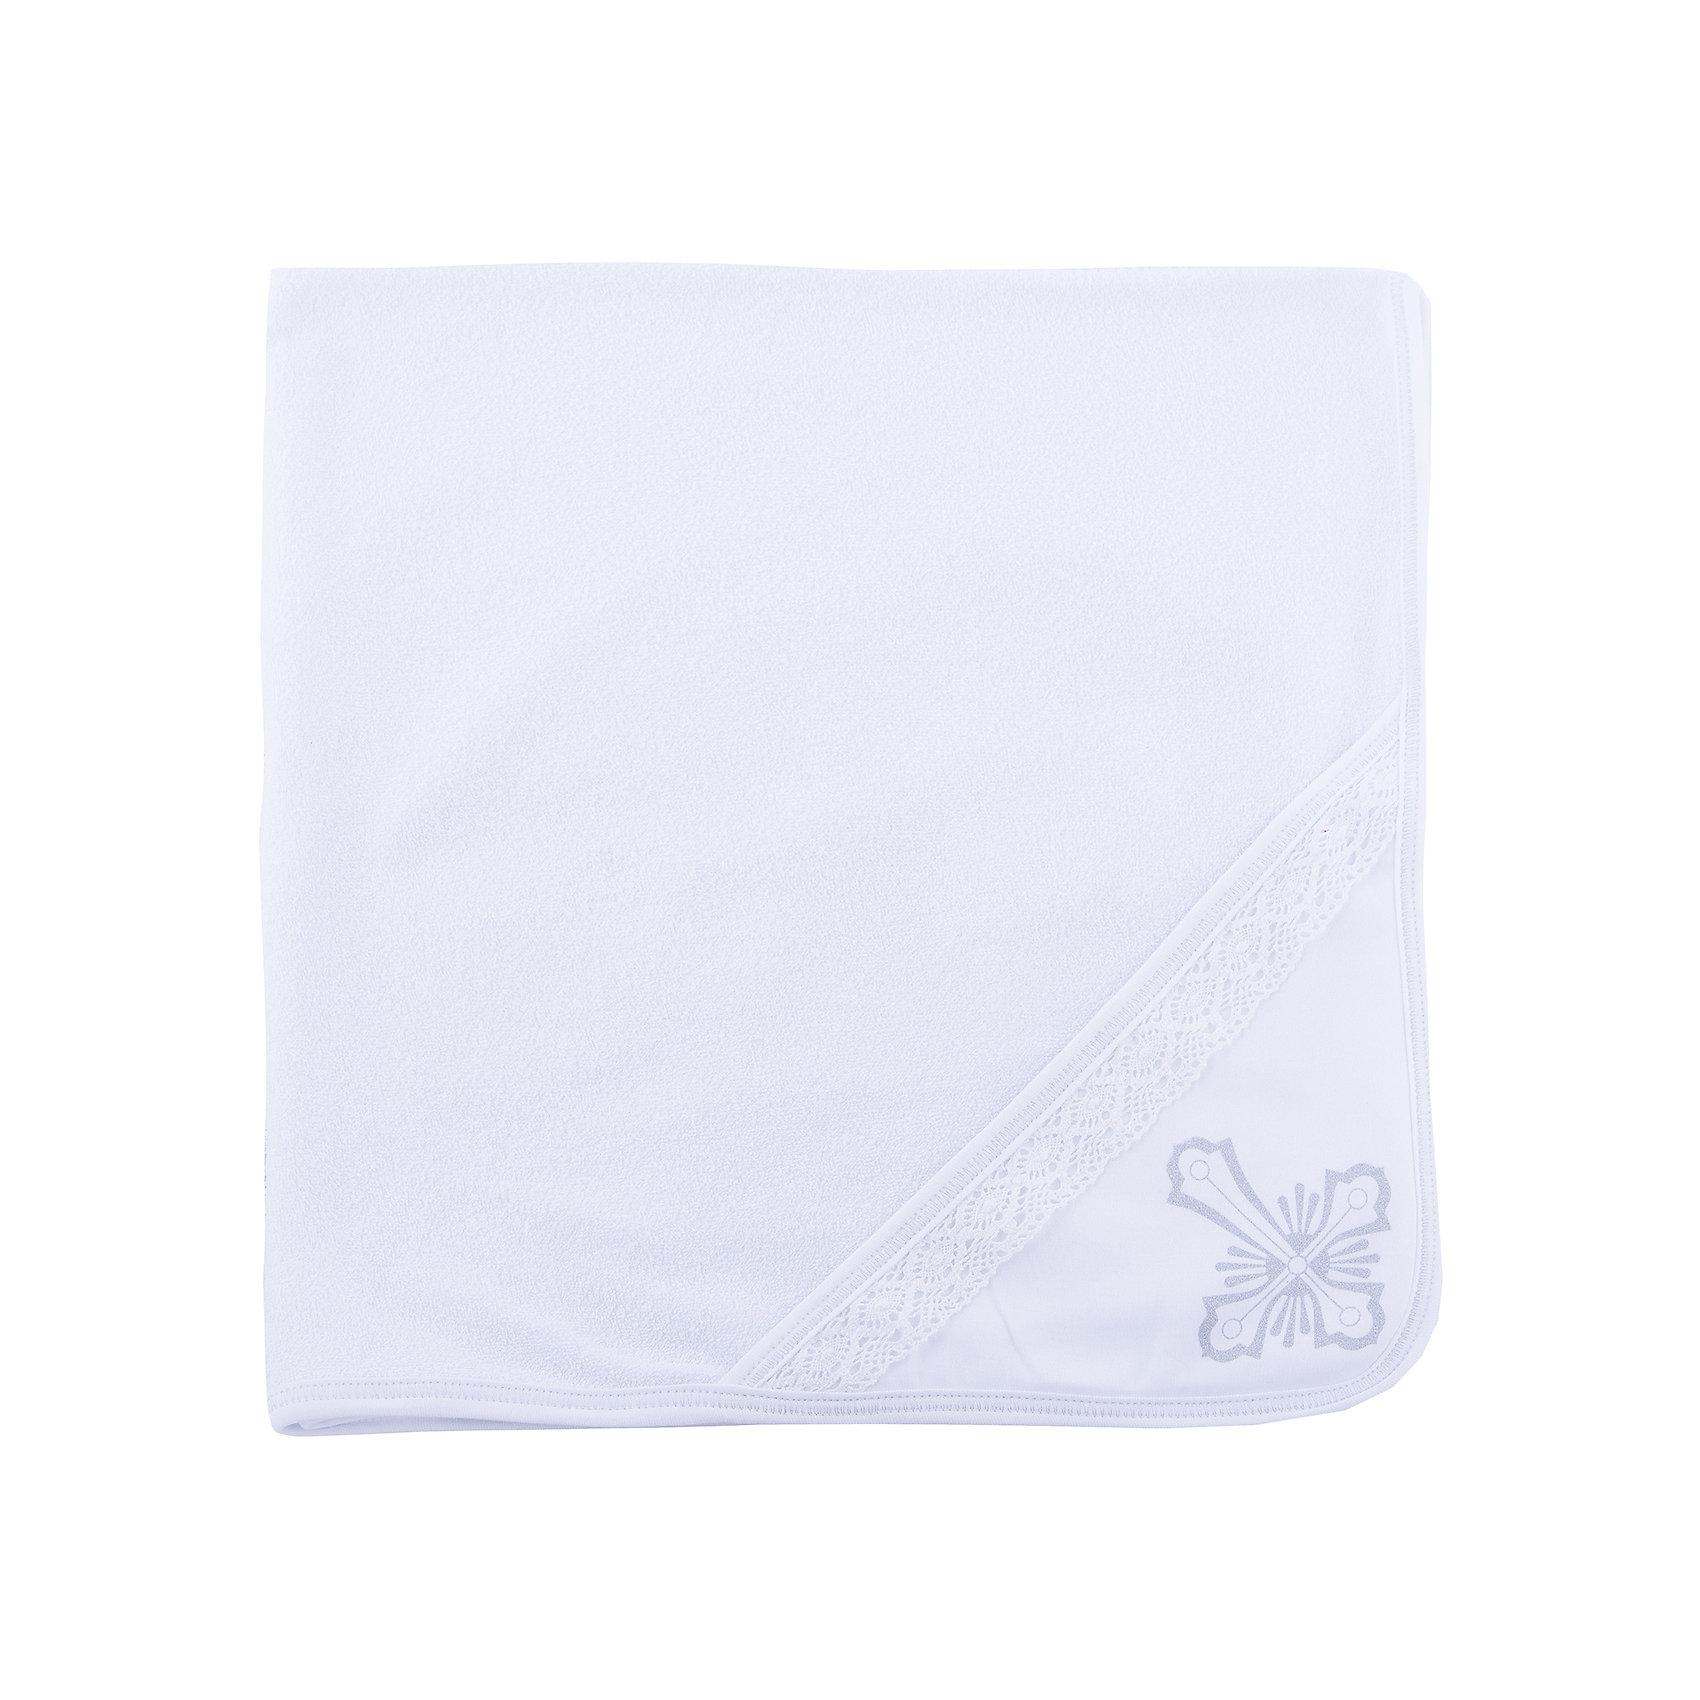 Крестильное полотенце с уголком 90*90, NewBorn, белый/сереброКрестильное полотенце с уголком 90*90, NewBorn (НьюБорн)<br>Мягкое крестильное полотенце, изготовленное из хлопковой ткани, прекрасно подойдет для таинства крещения. Полотенце оторочено тесьмой, уголок декорирован шитьем. Часть уголка, которая придется на лобик малыша, украшает искусно вышитый серебристый крестик. Полотенце хорошо впитывает влагу и приятно для нежной кожи ребенка. Оно прекрасно смотрится как самостоятельно, так и в качестве одного из компонентов крестильного набора.<br><br>Дополнительная информация:<br><br>- Цвет: белый, серебристый<br>- Состав: 100% хлопок<br>- Размер: 90х90 см.<br><br>Крестильное полотенце с уголком 90*90, NewBorn (НьюБорн) можно купить в нашем интернет-магазине.<br><br>Ширина мм: 200<br>Глубина мм: 200<br>Высота мм: 100<br>Вес г: 300<br>Возраст от месяцев: 0<br>Возраст до месяцев: 12<br>Пол: Унисекс<br>Возраст: Детский<br>SKU: 4889959